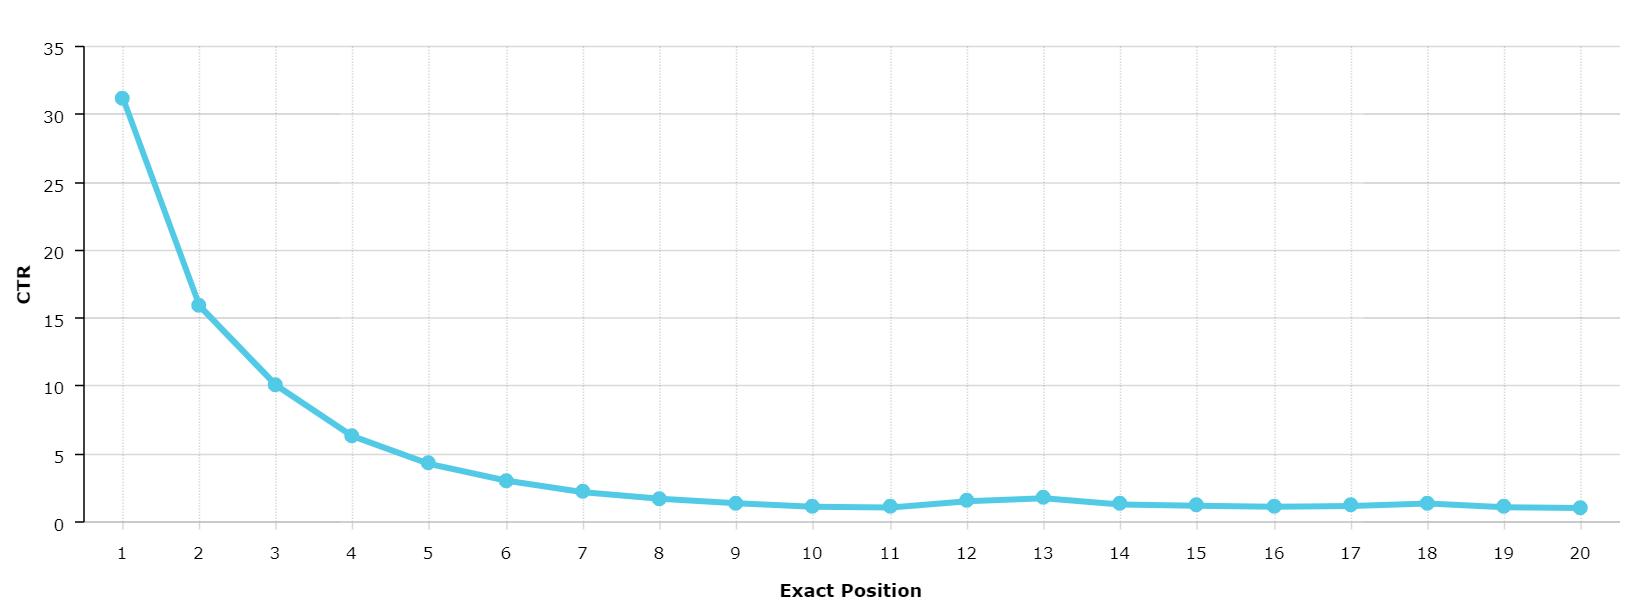 פרסום בגוגל - שיעור הקליקים ביחס למיקום בתוצאות החיפוש.